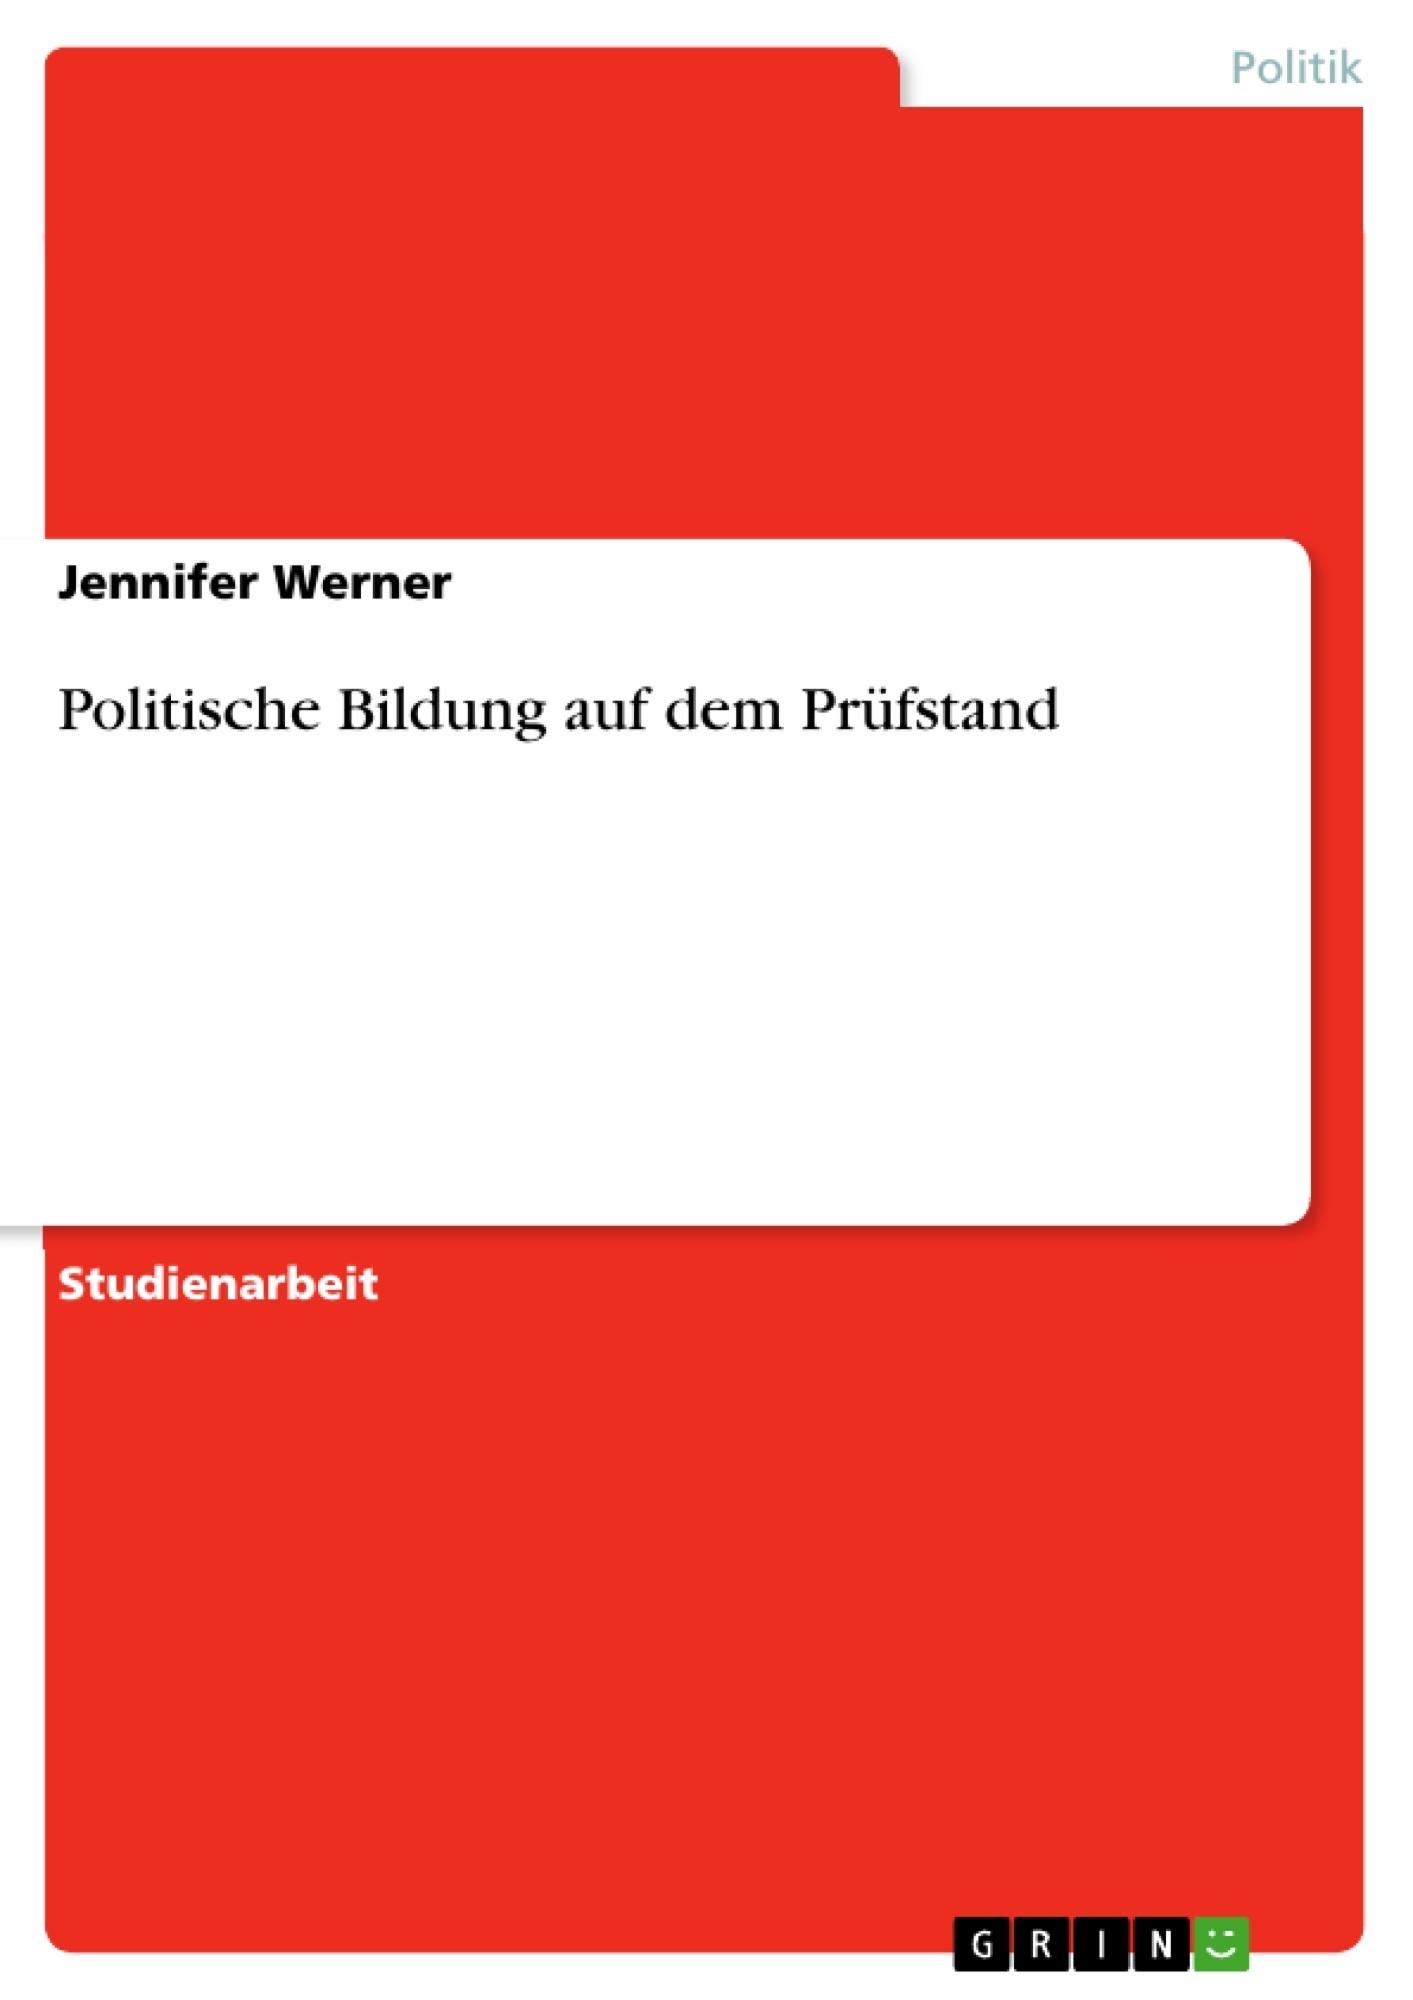 Titel: Politische Bildung auf dem Prüfstand